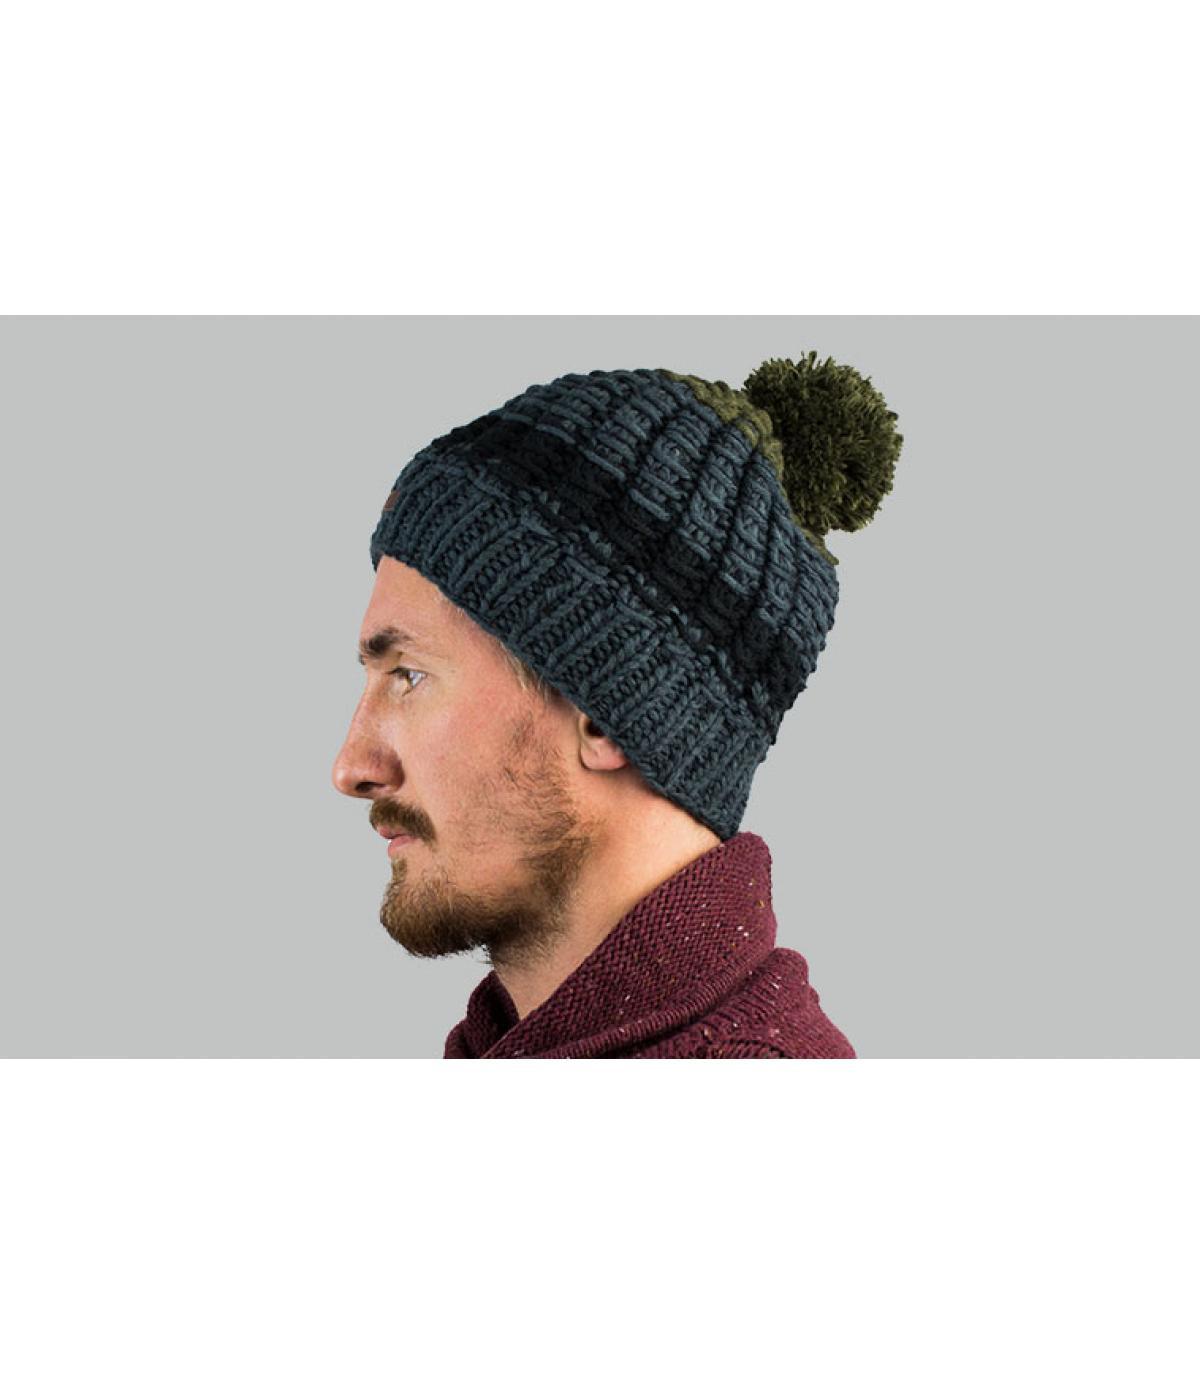 29fc002ec9a Bonnet homme - Boutique de bonnets pour homme mode - Headict